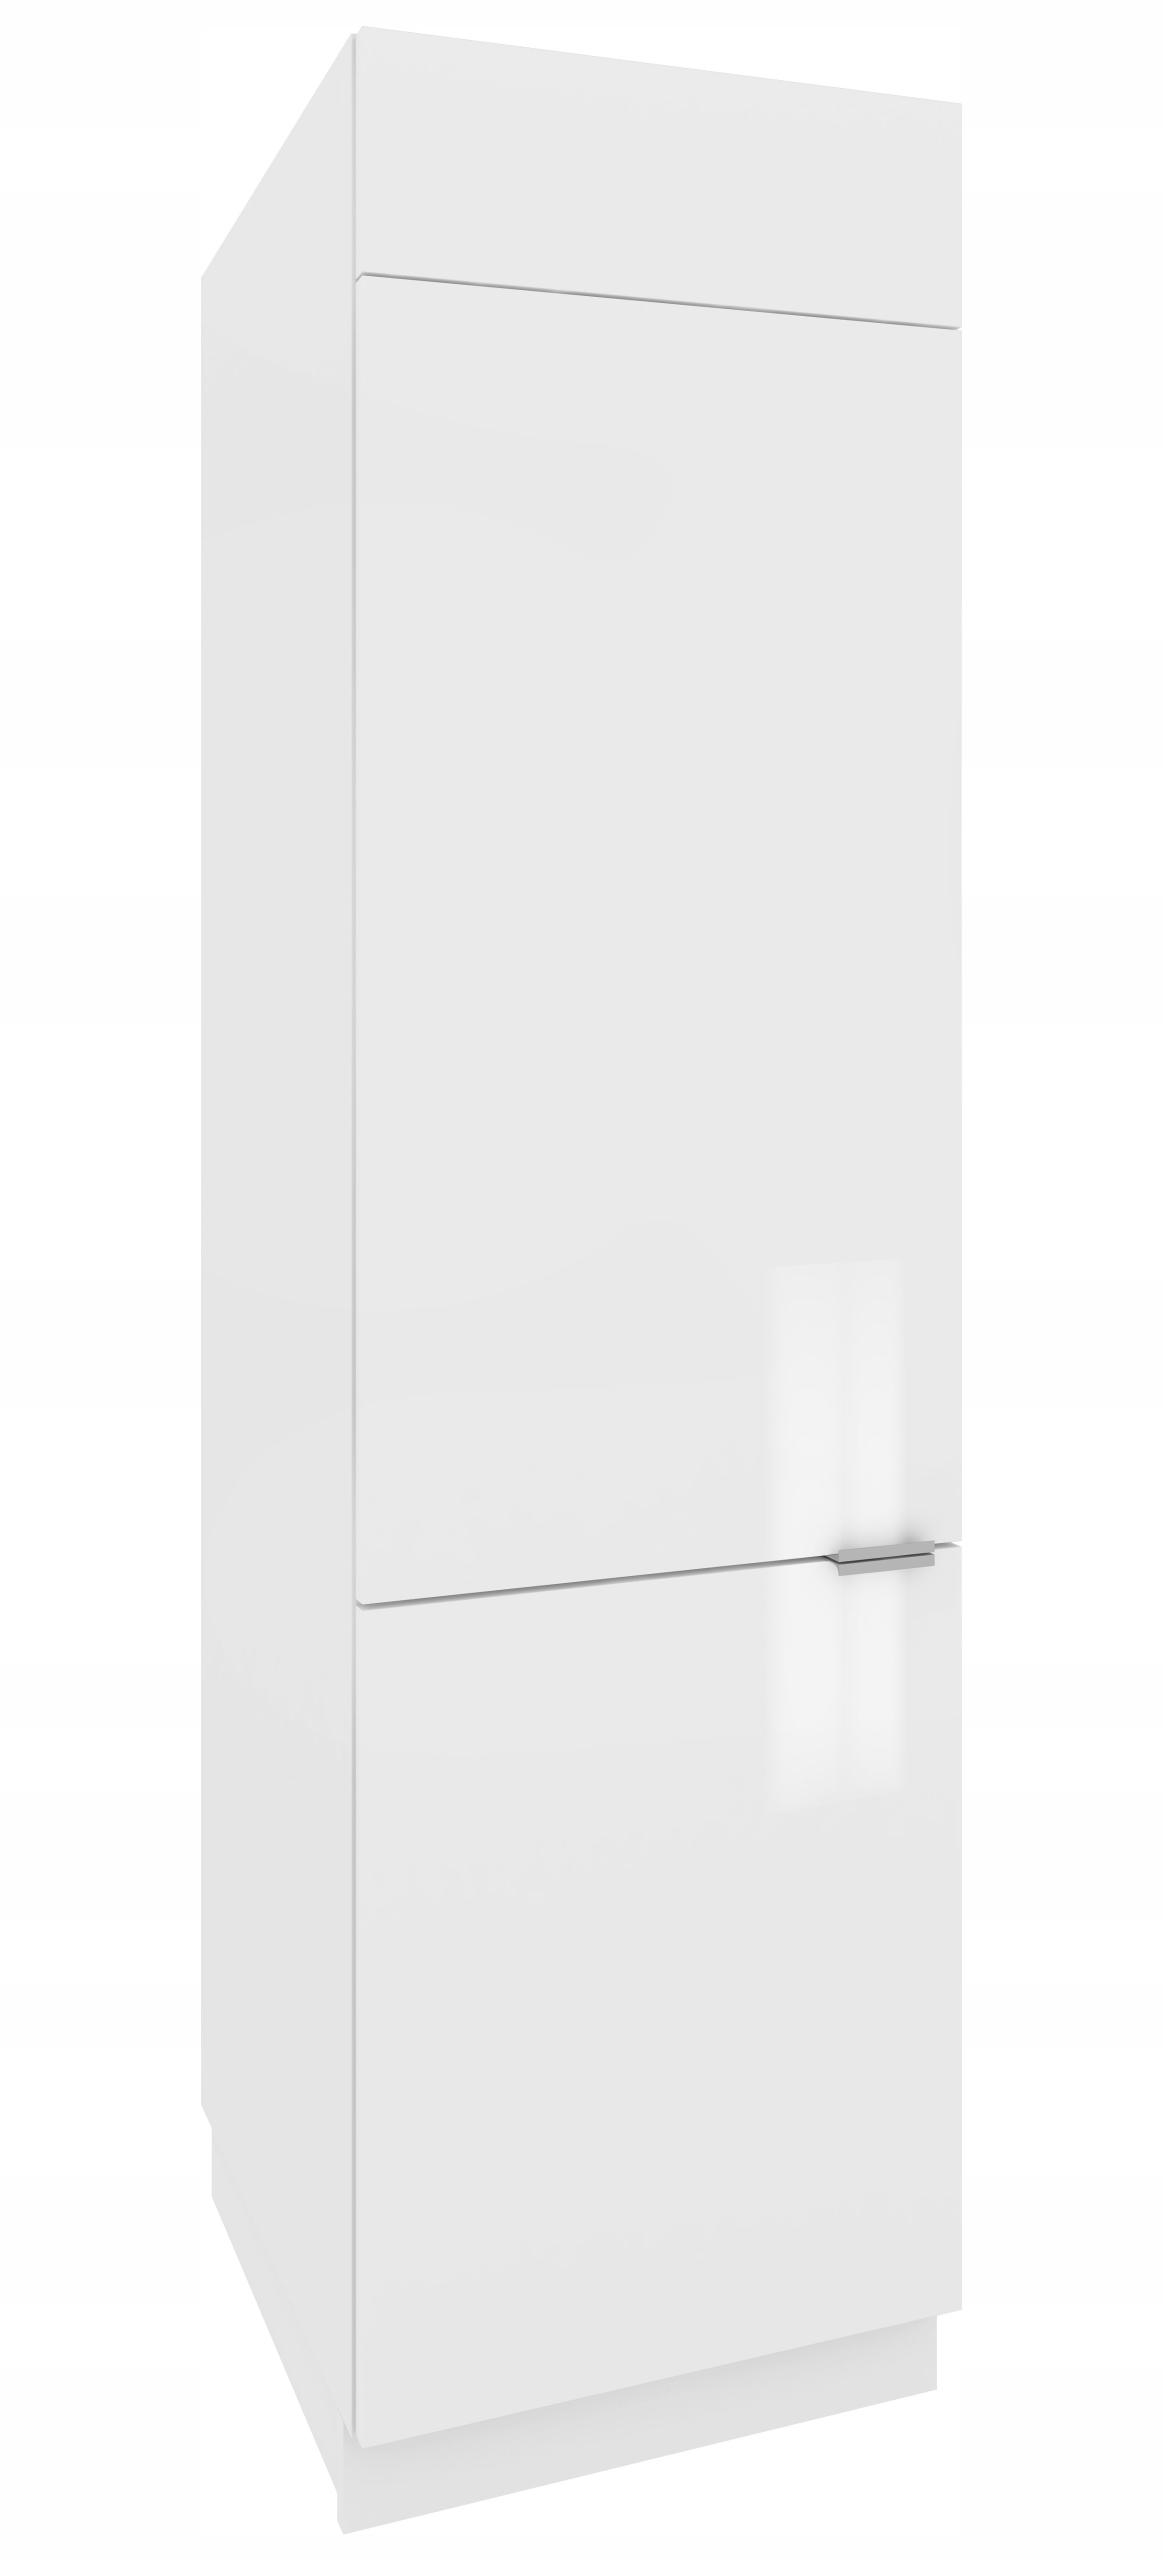 CAMPARI PLN 6 Skrinka pre montáž chladnička LESK